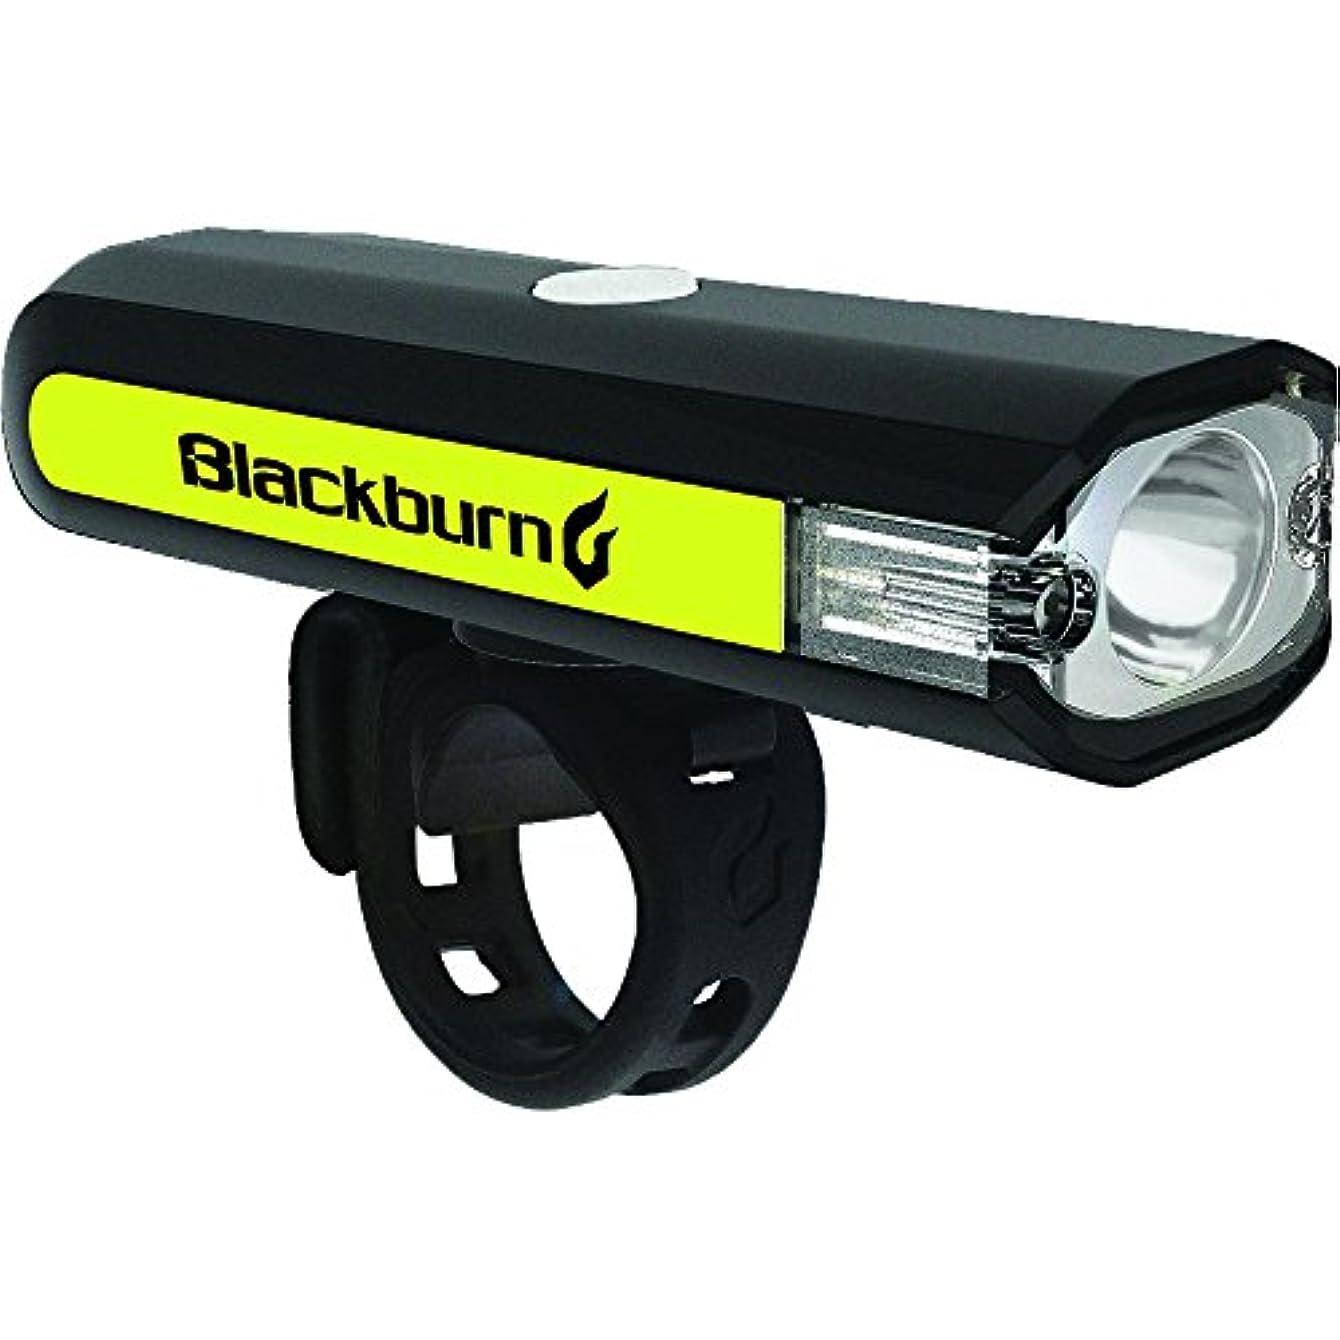 束横擬人Blackburn(ブラックバーン) Blackburn(ブラックバーン) 自転車 ライト サイクル 完全防水 完全防塵 IP-67 LED USB コンパクト ハイパワー 350ルーメン CENTRAL [セントラル350マイクロフロント イエロー] 7085503